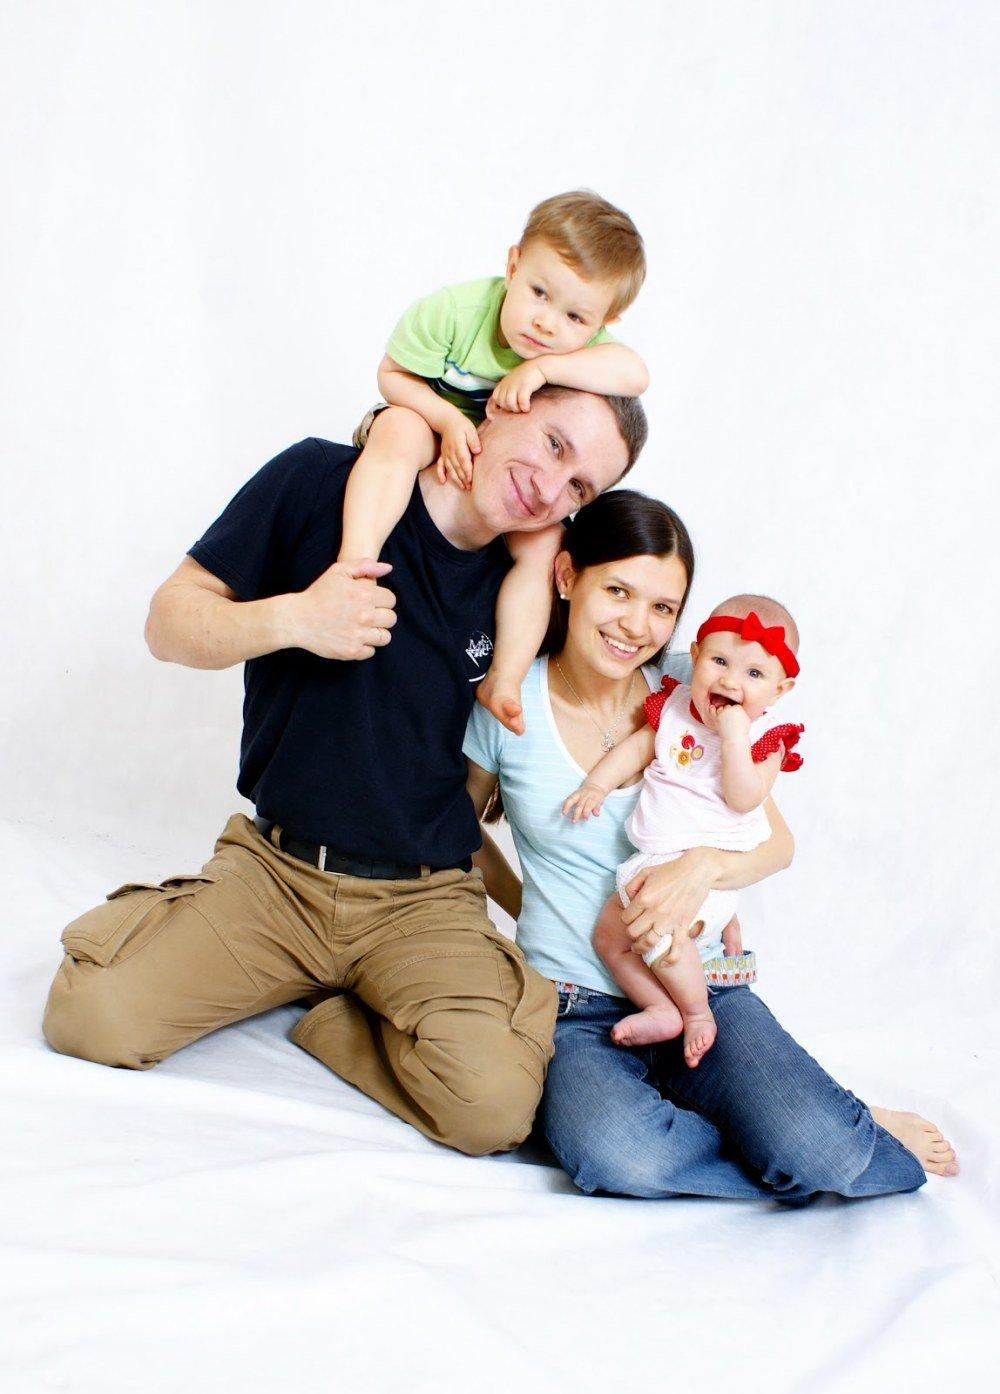 Лучшие позы для фотосессии с детьми